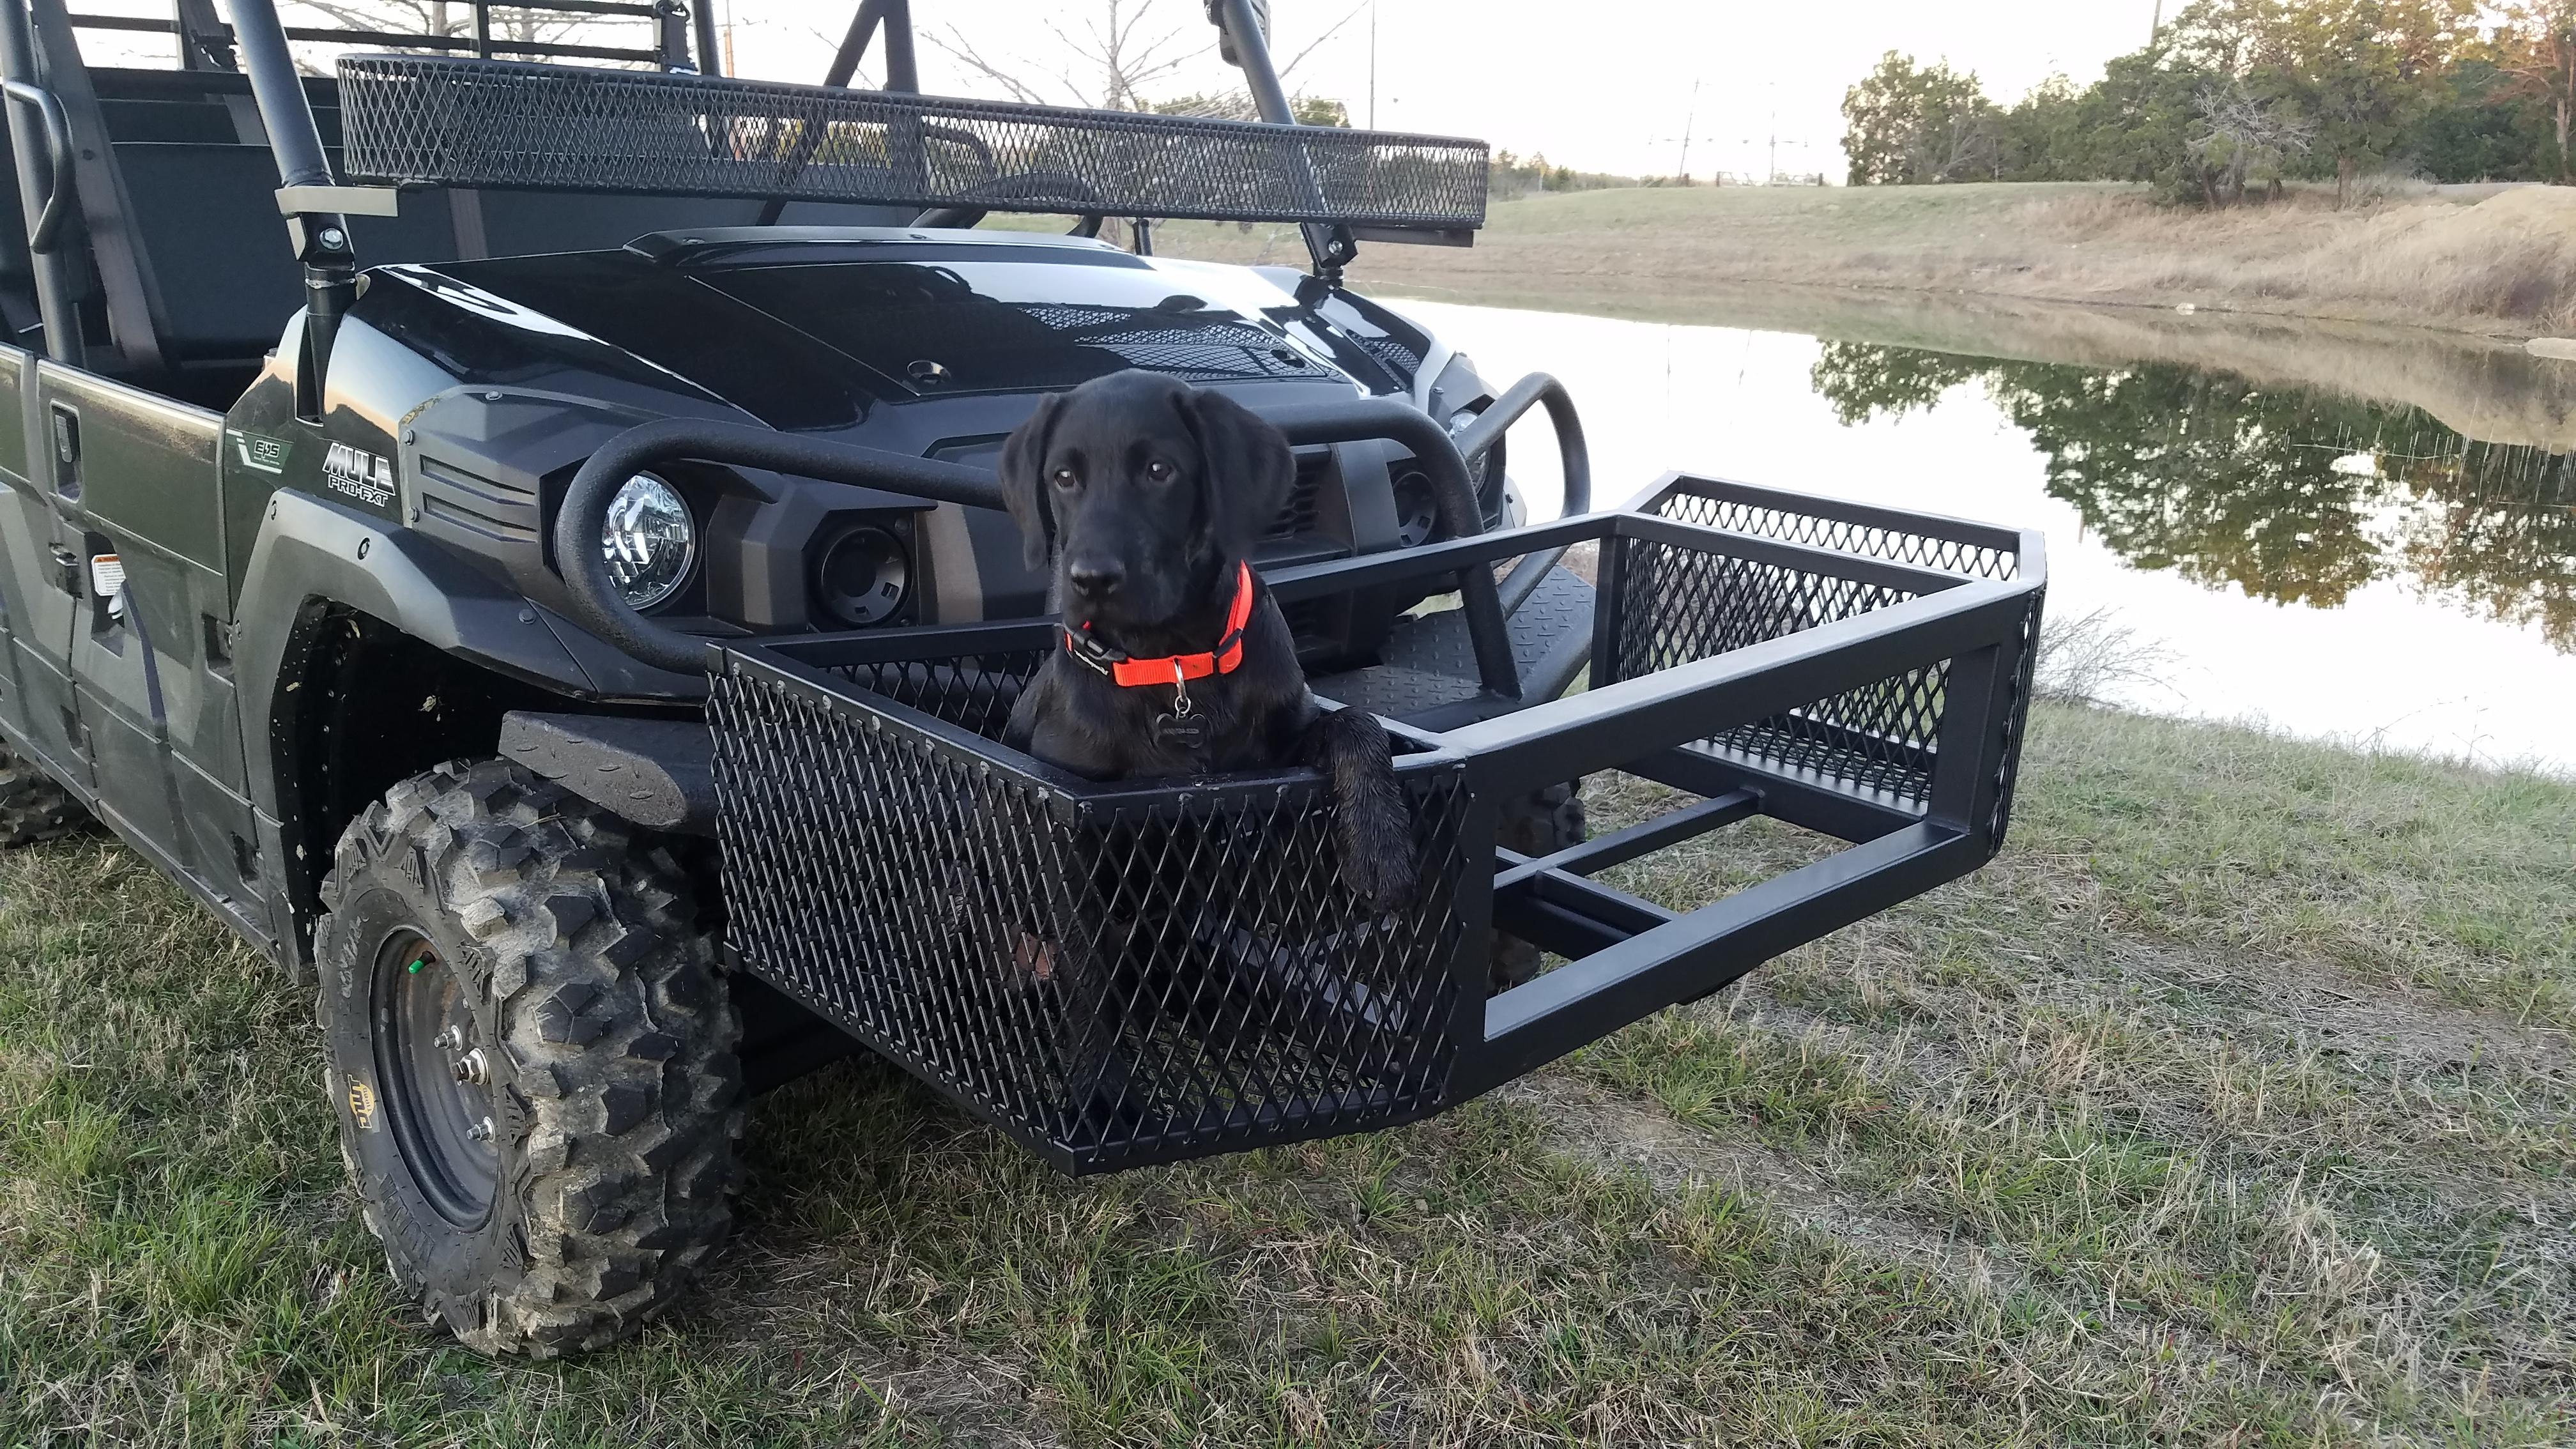 front-utv-hitch-basket-large-cooler-rack-with-beau.jpg